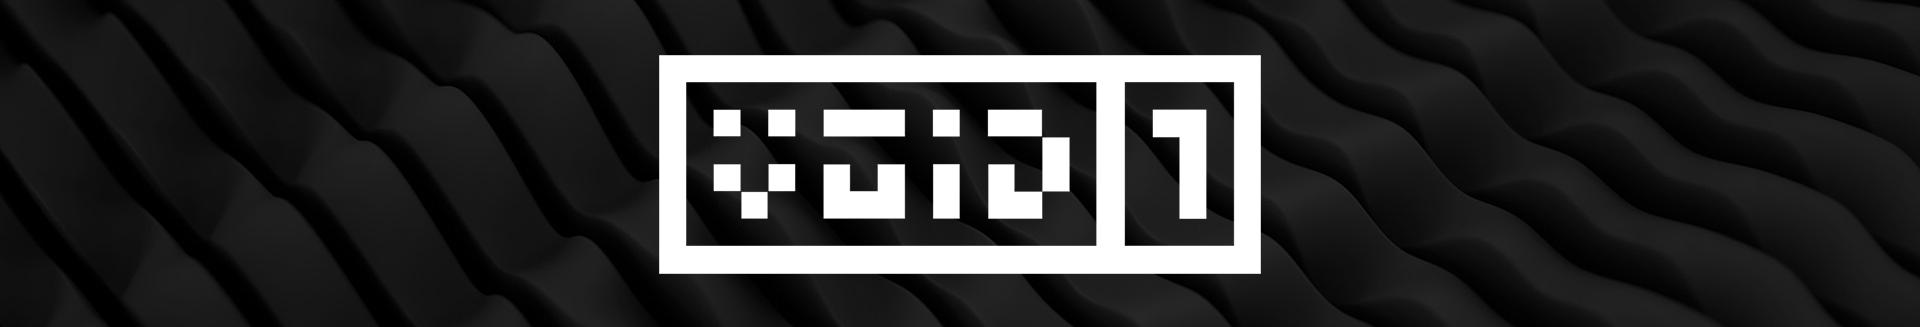 Pixel Construction Pack